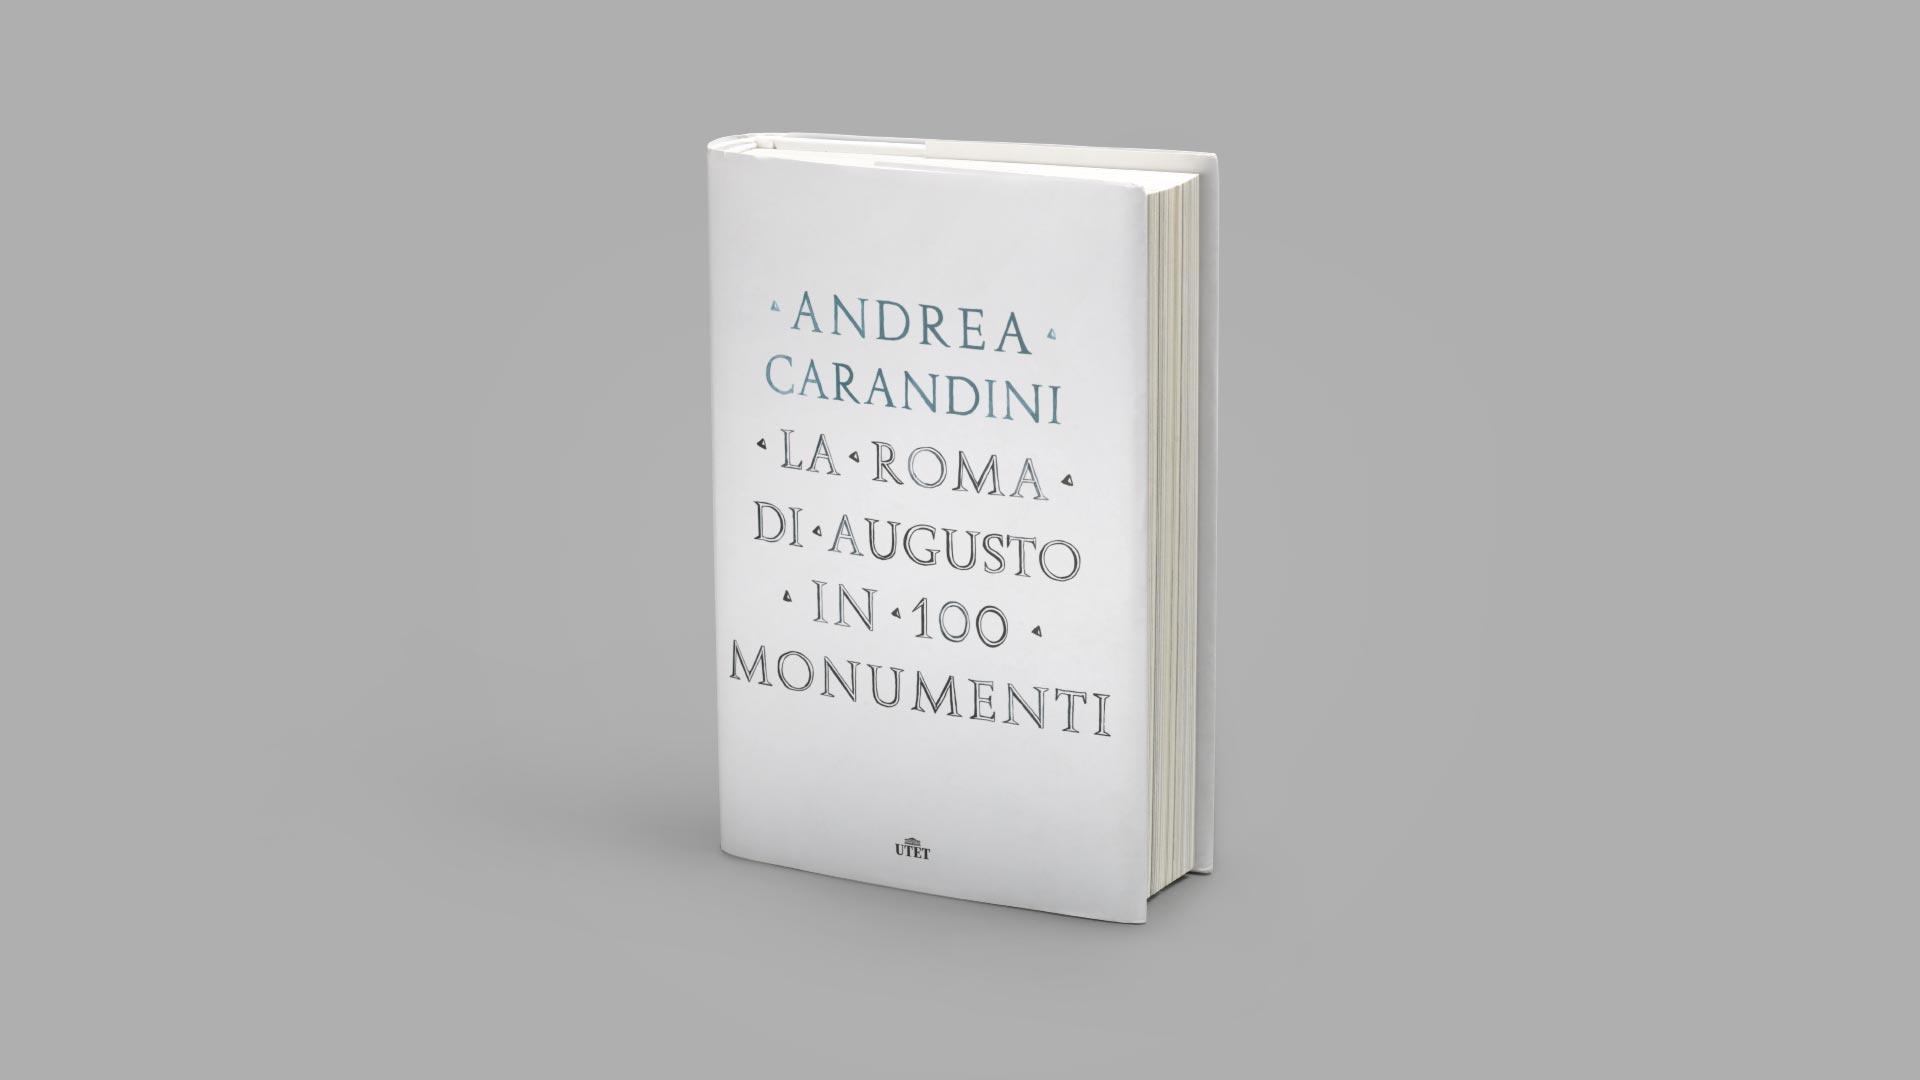 giuliofavotto_roma_di_augusto_carandini_02_stampato